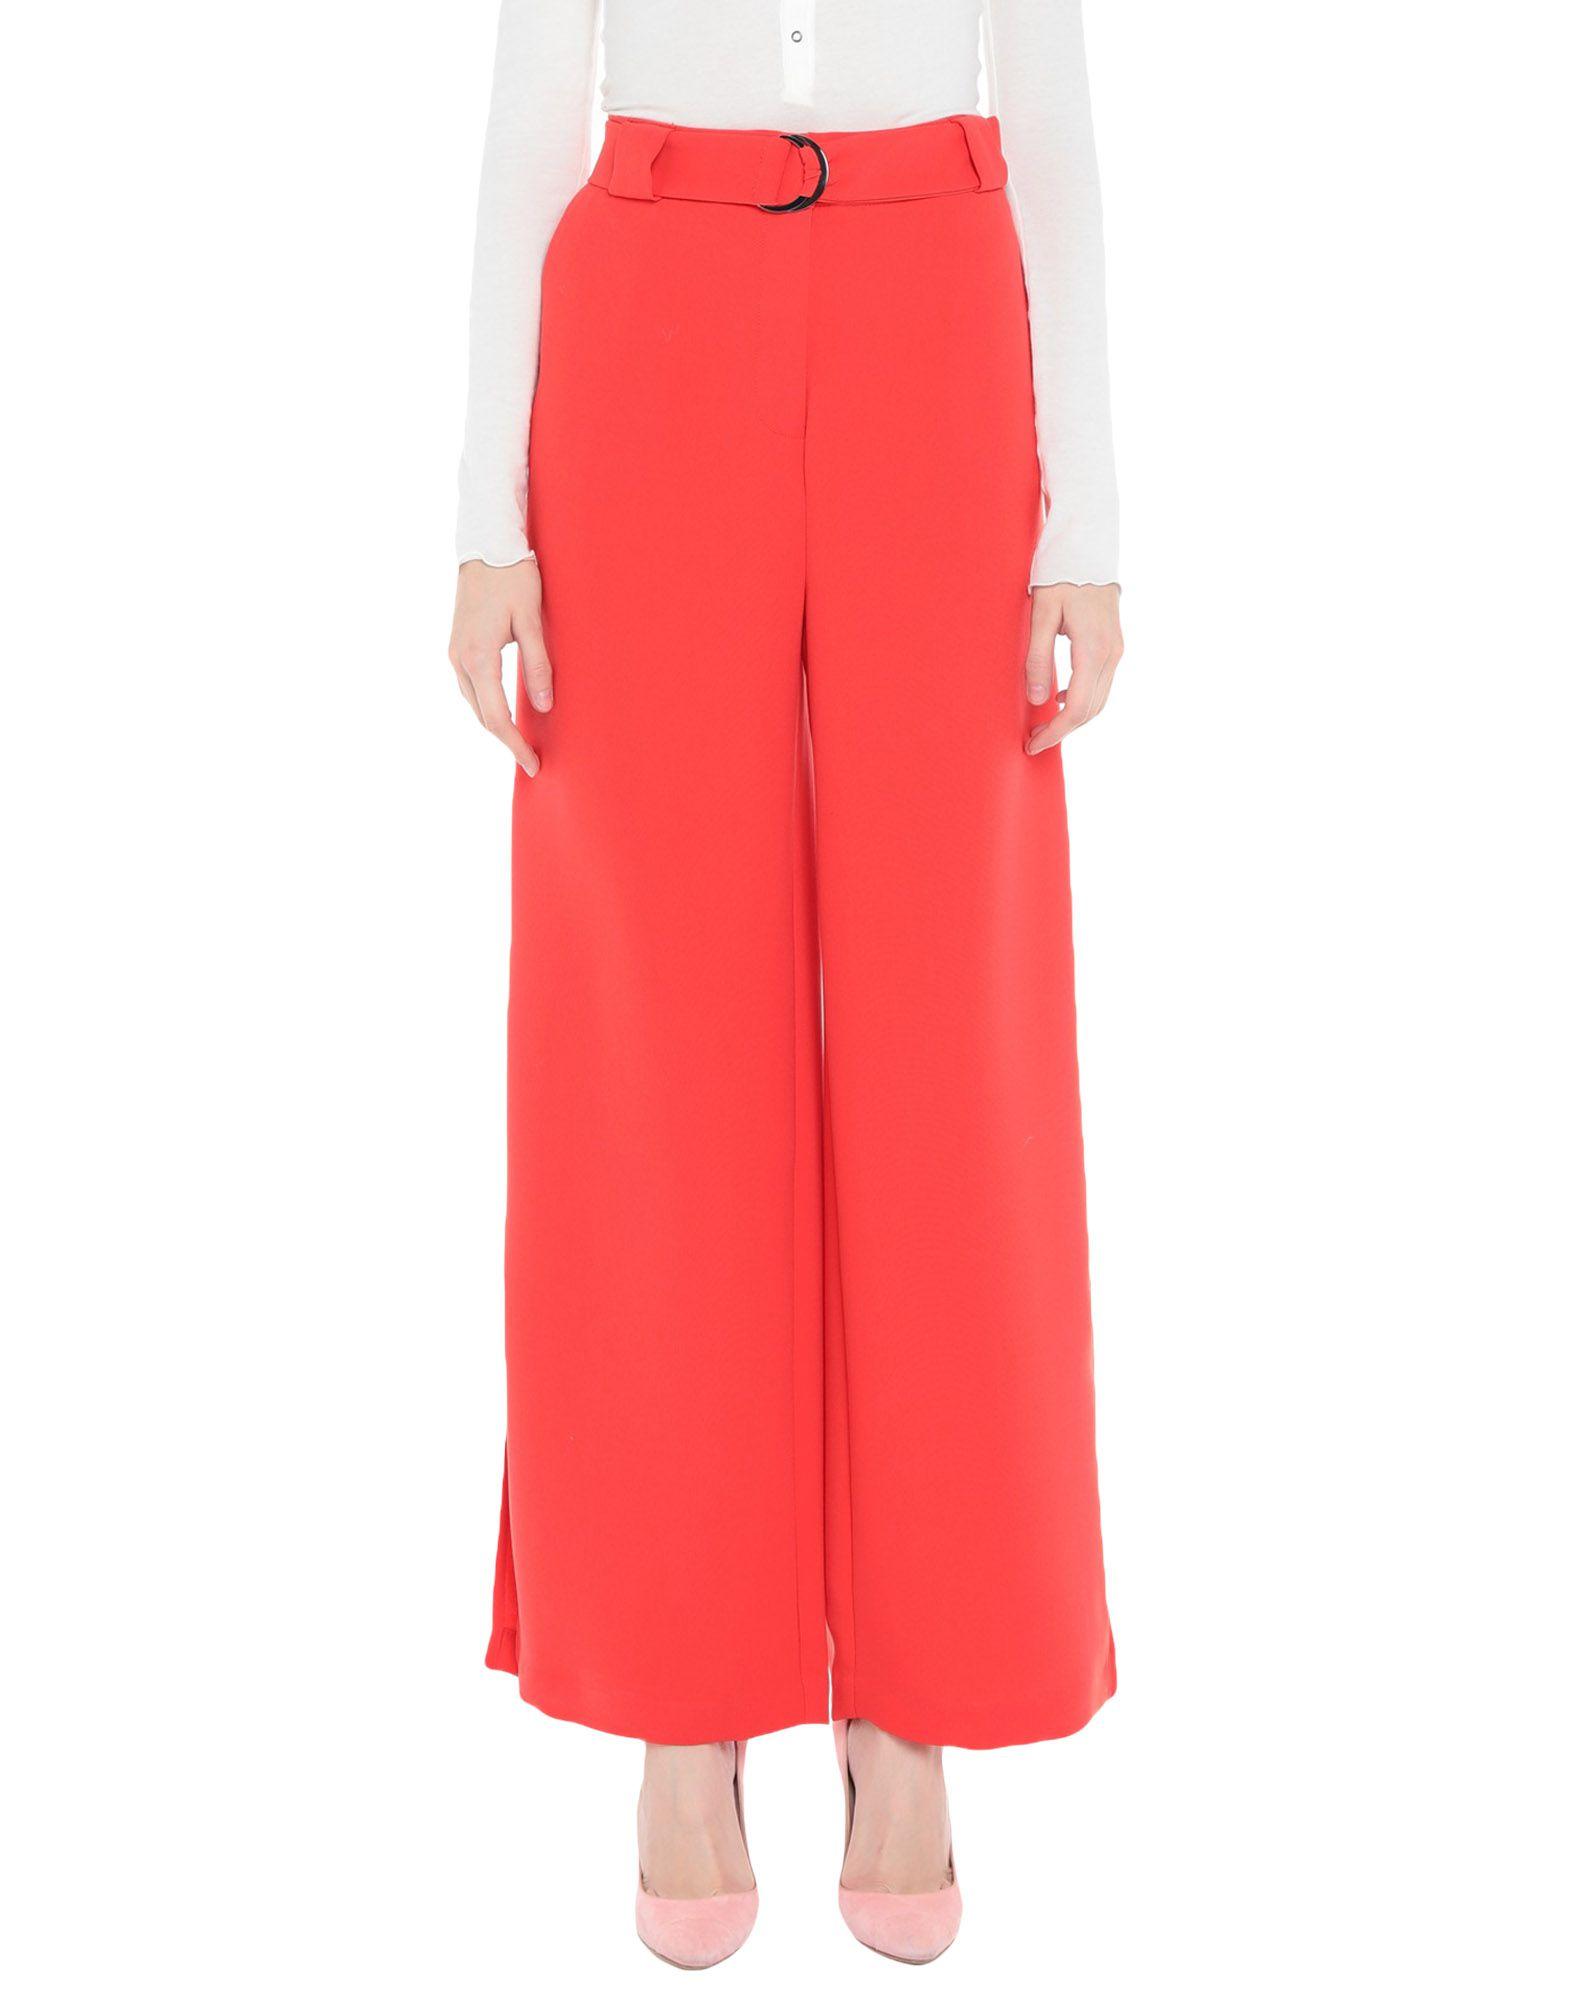 Pantalone Armani Armani Exchange donna - 13300727TB